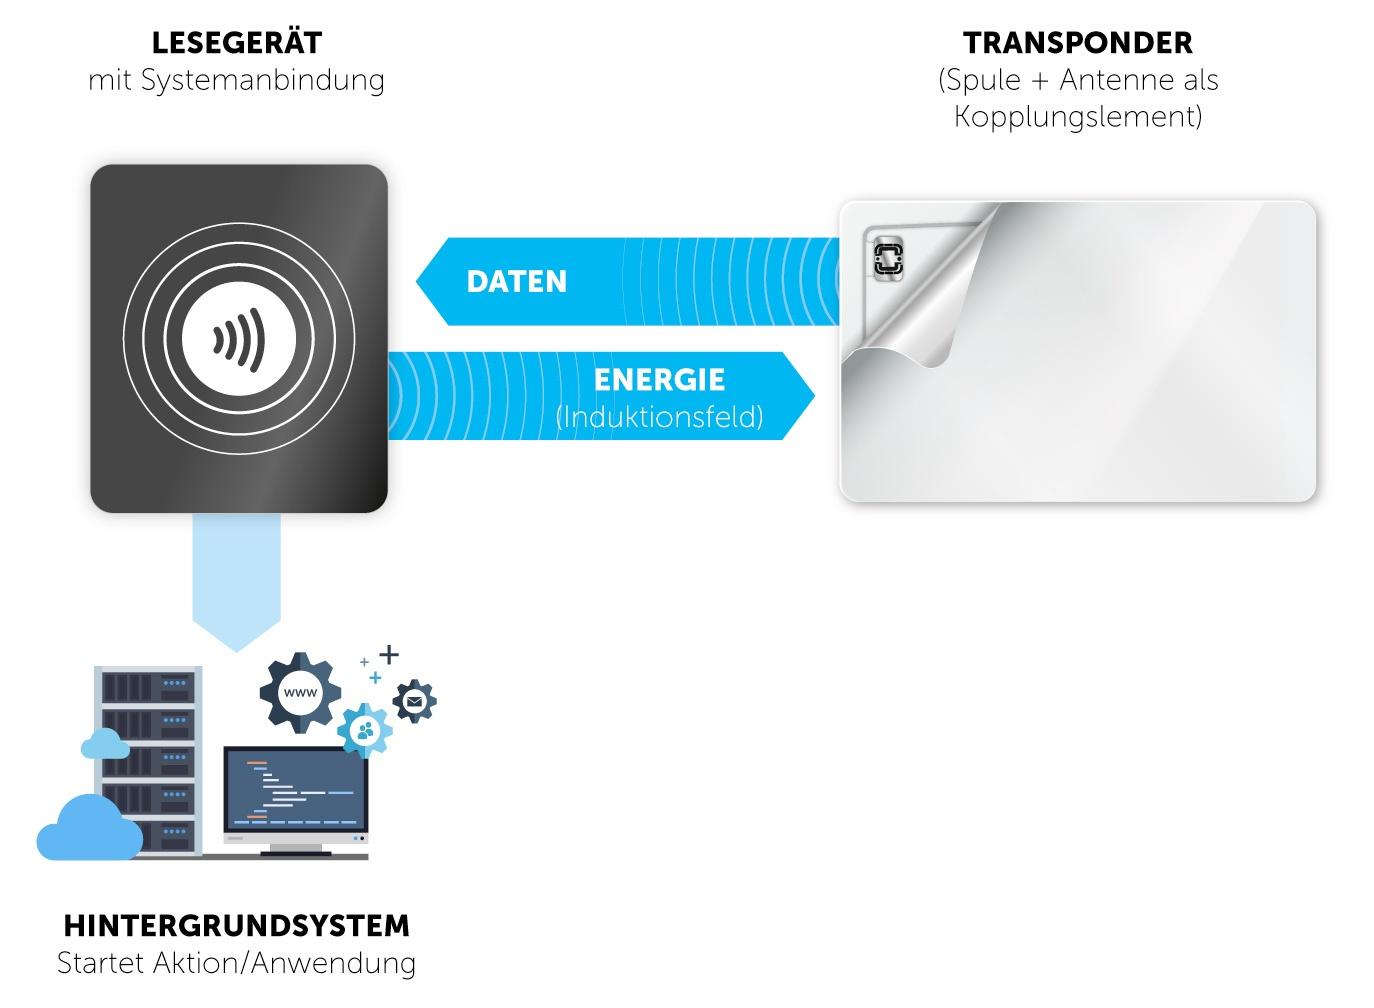 RFID Funktionsweise Lesegerät Energieübertragung zum Transponder